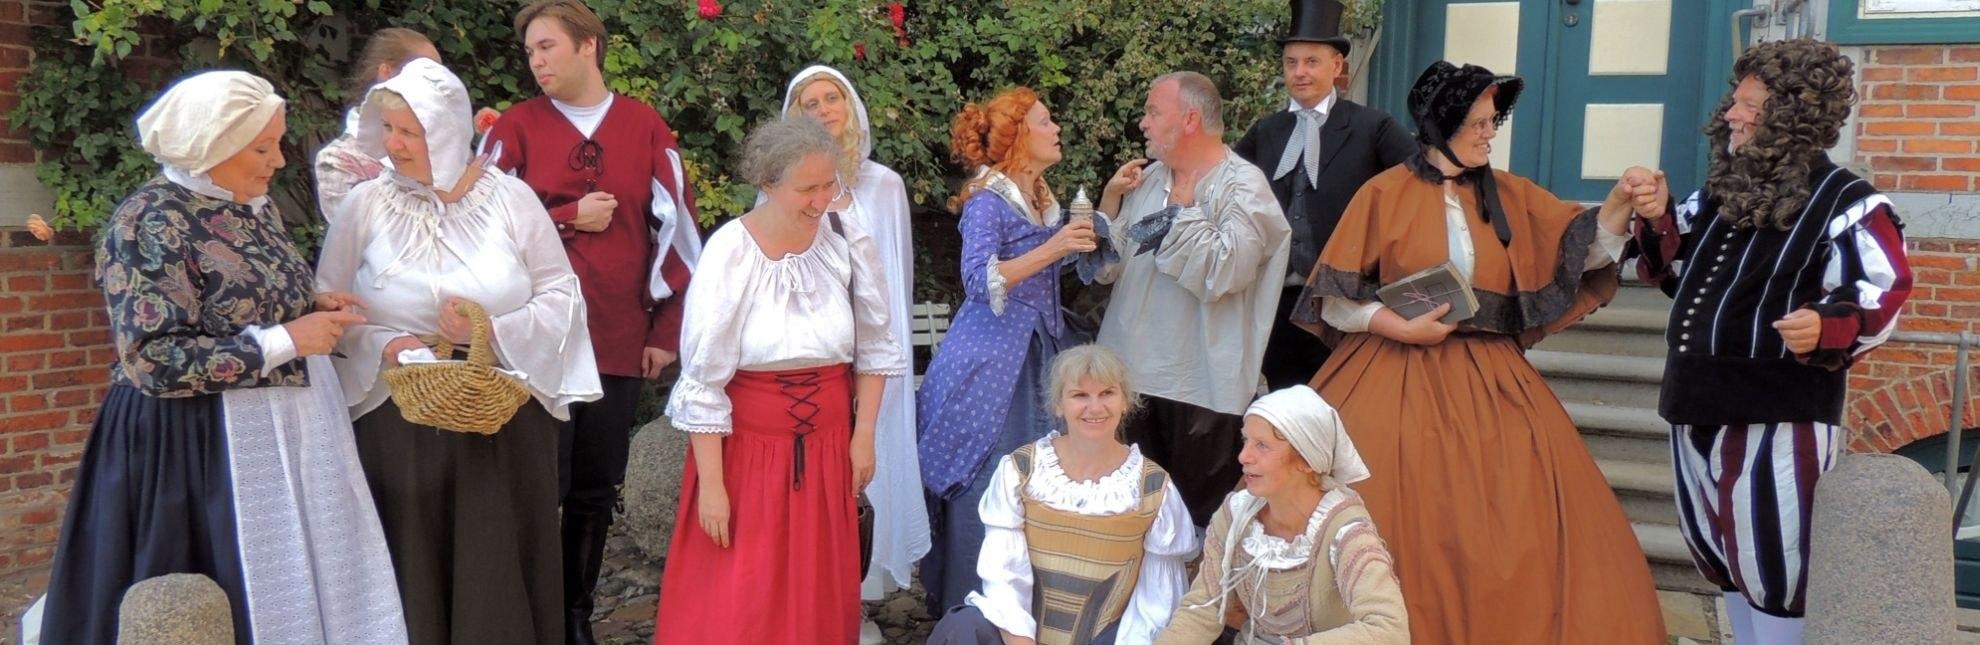 Schauspieler der Theatralen Stadtführung in Lauenburg., © Michael Kosog